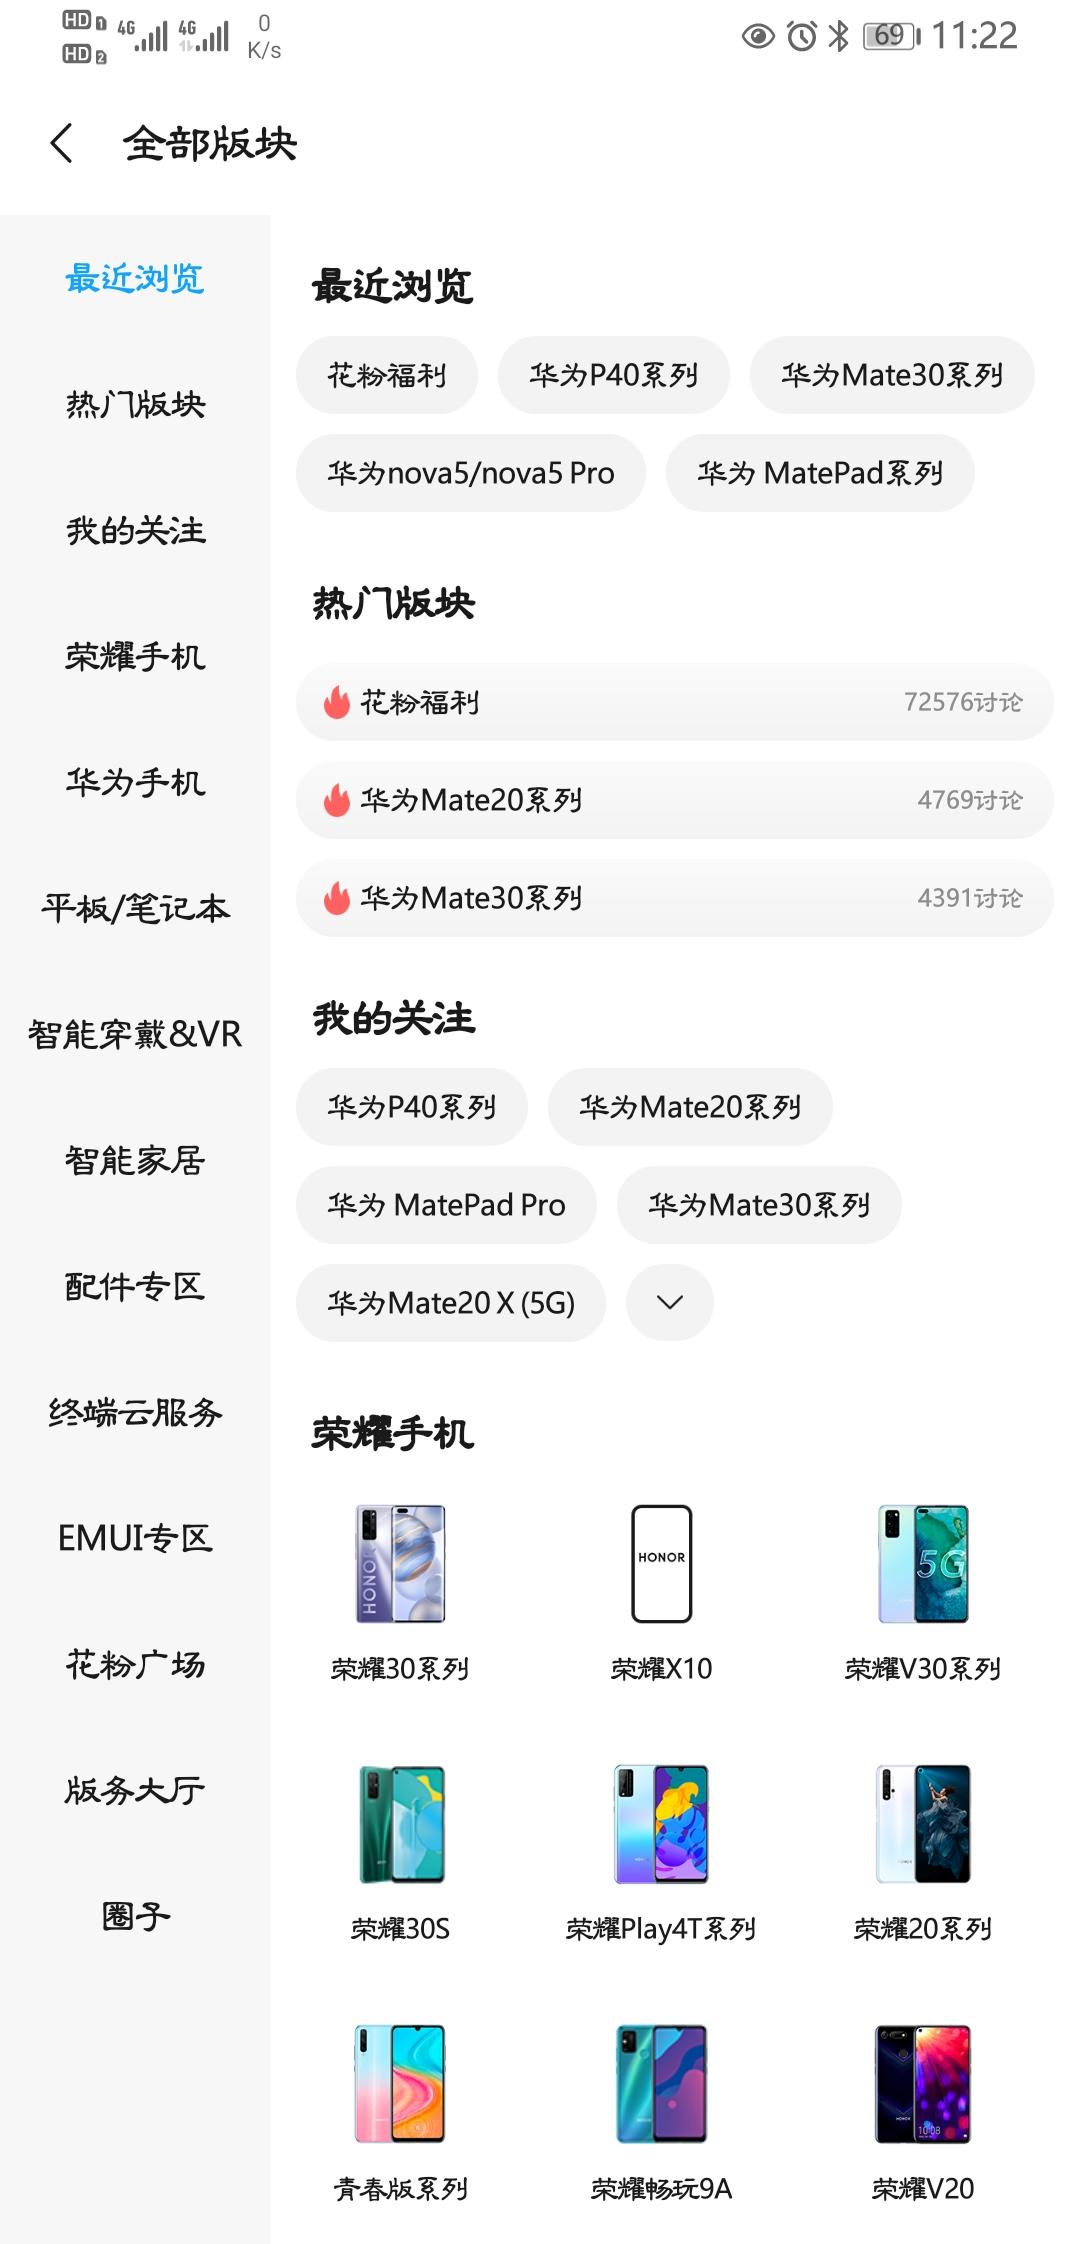 Screenshot_20200508_112210_com.huawei.fans.jpg